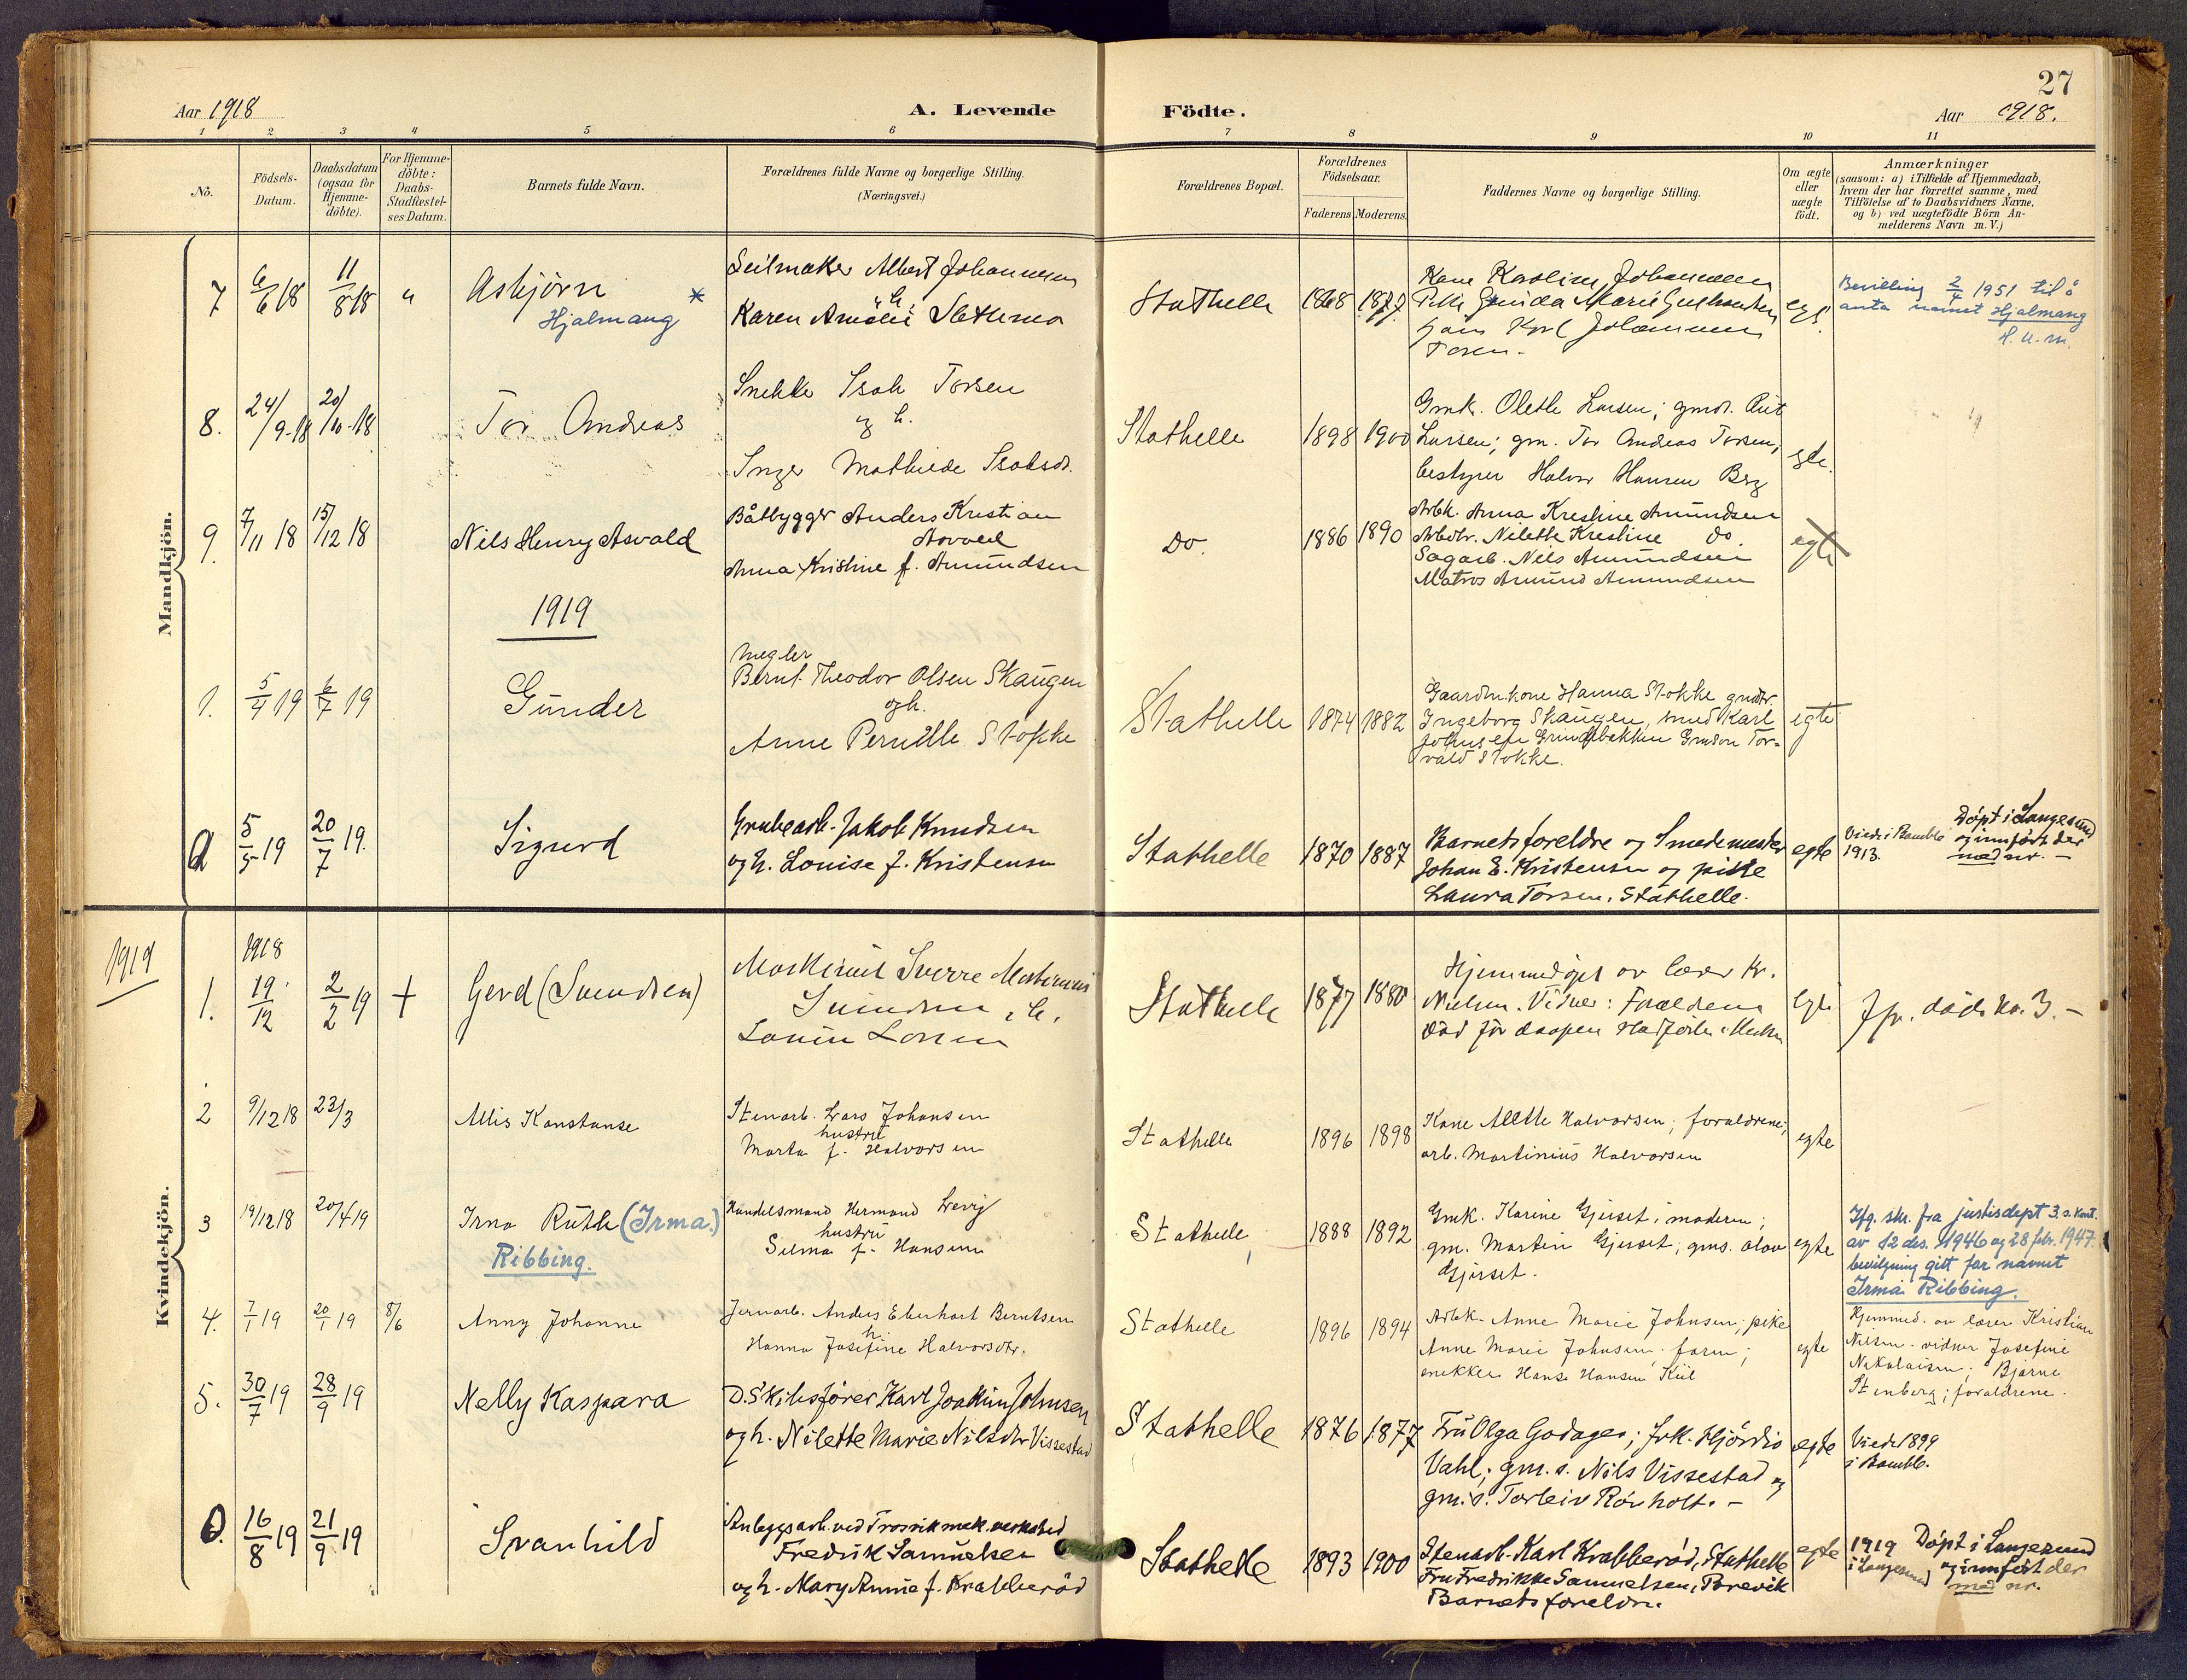 SAKO, Bamble kirkebøker, F/Fb/L0002: Ministerialbok nr. II 2, 1900-1921, s. 27